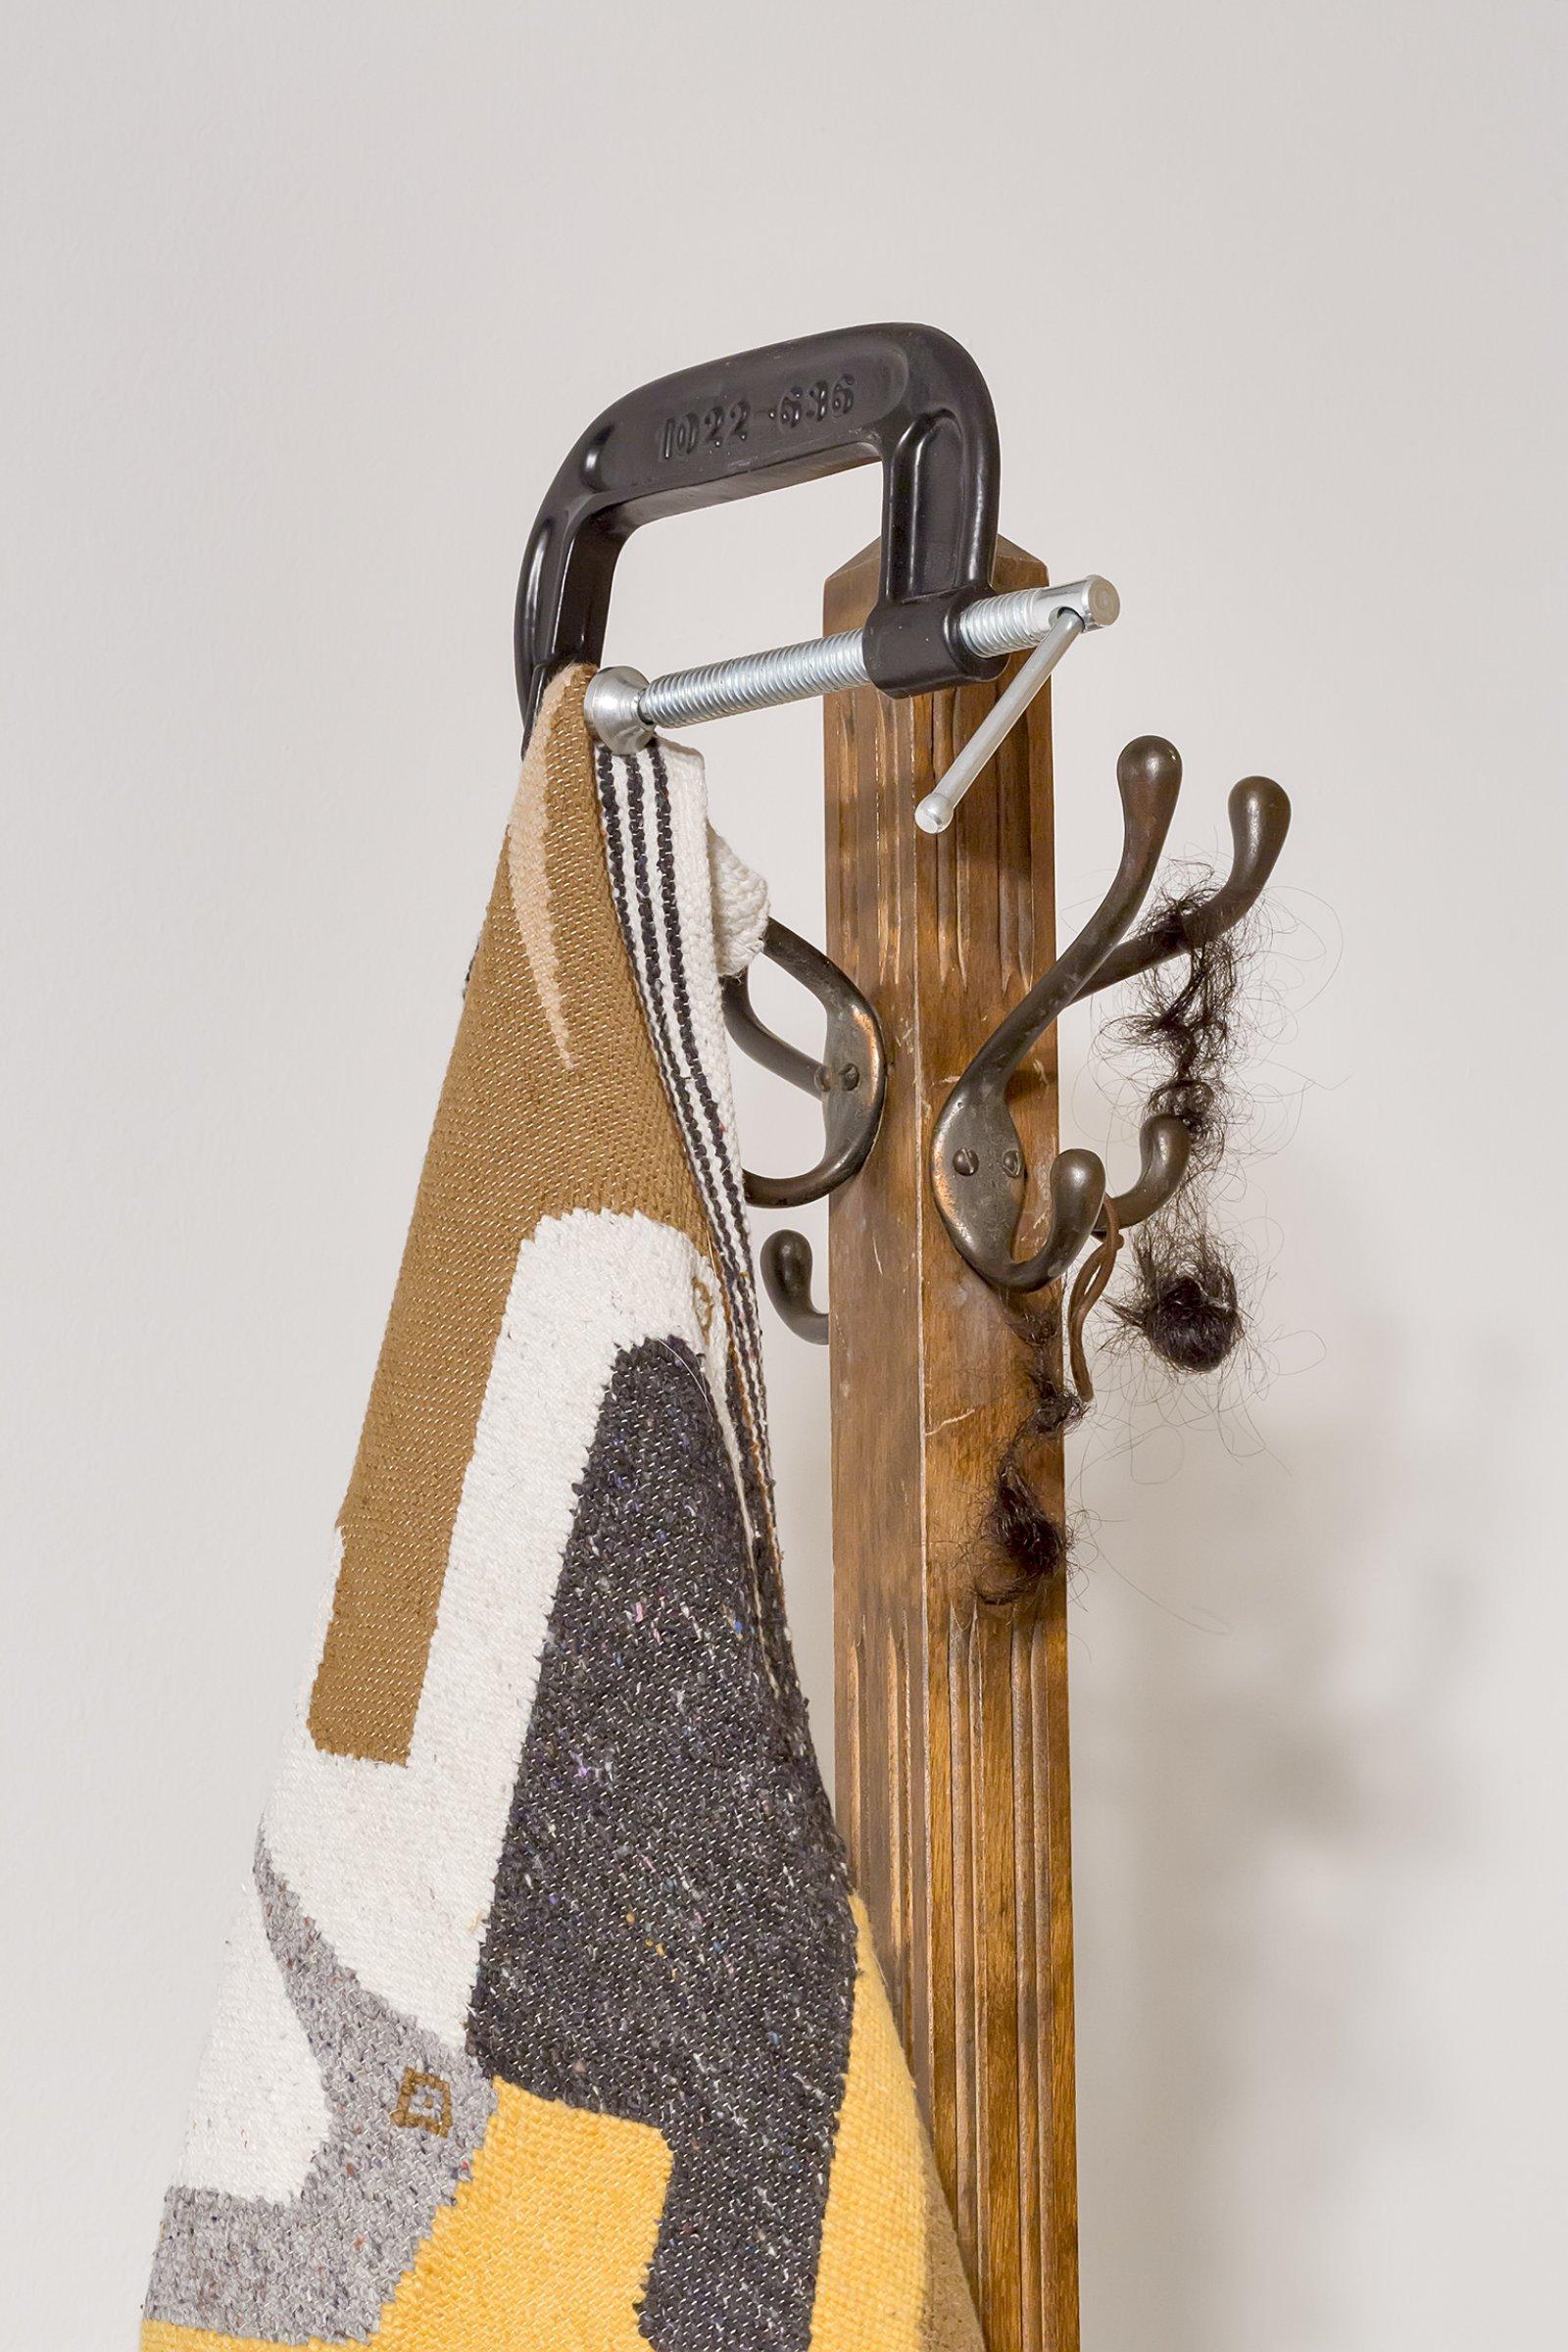 Duane Linklater, Flock(detail), 2016, wool tapestry, coat hanger, steel vice, dimensions variable